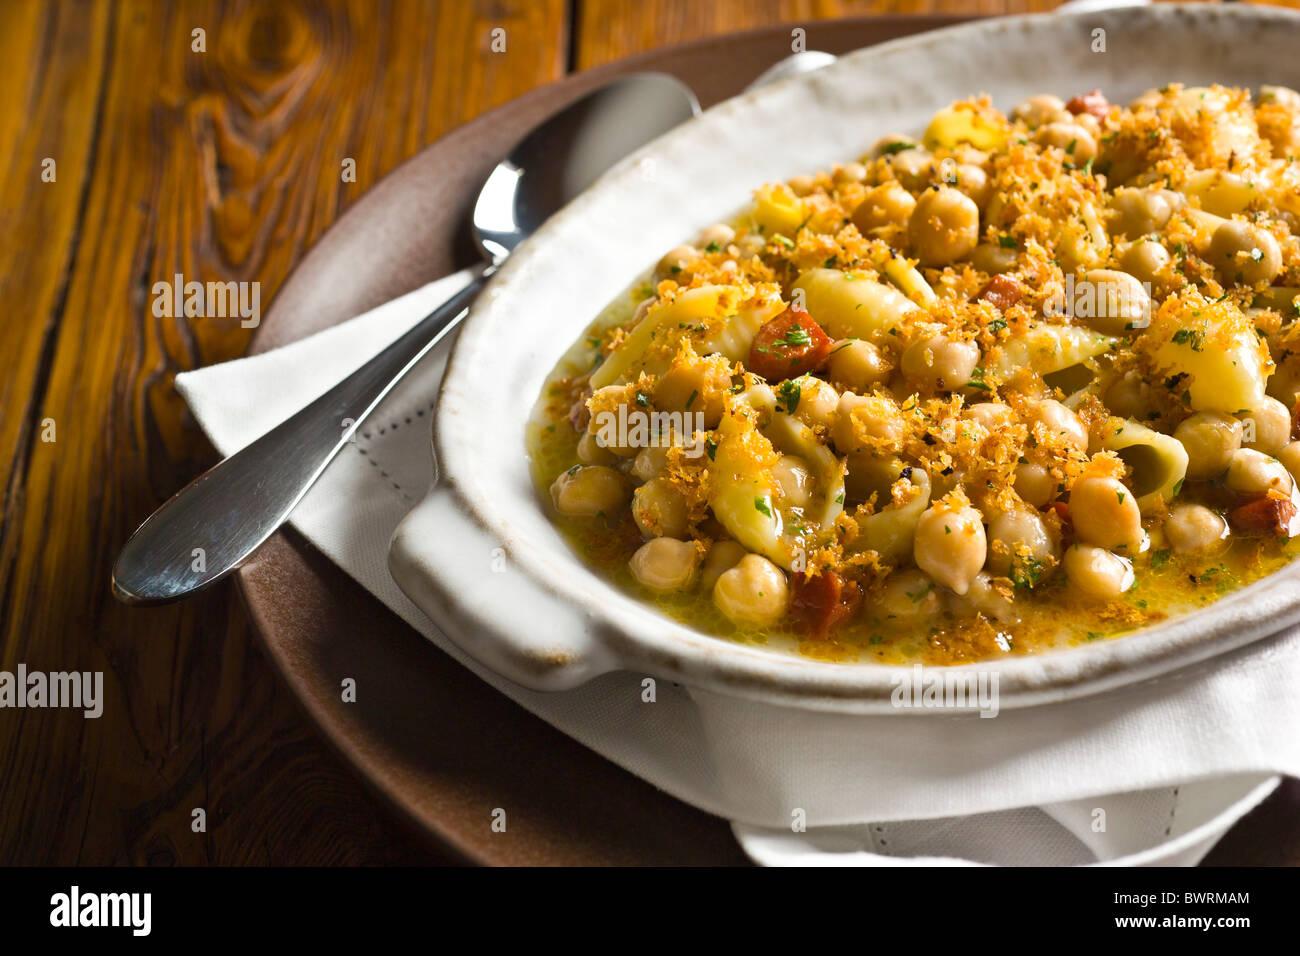 Conchiglie avec Pois chiches, chorizo et de chapelure. Photo Stock